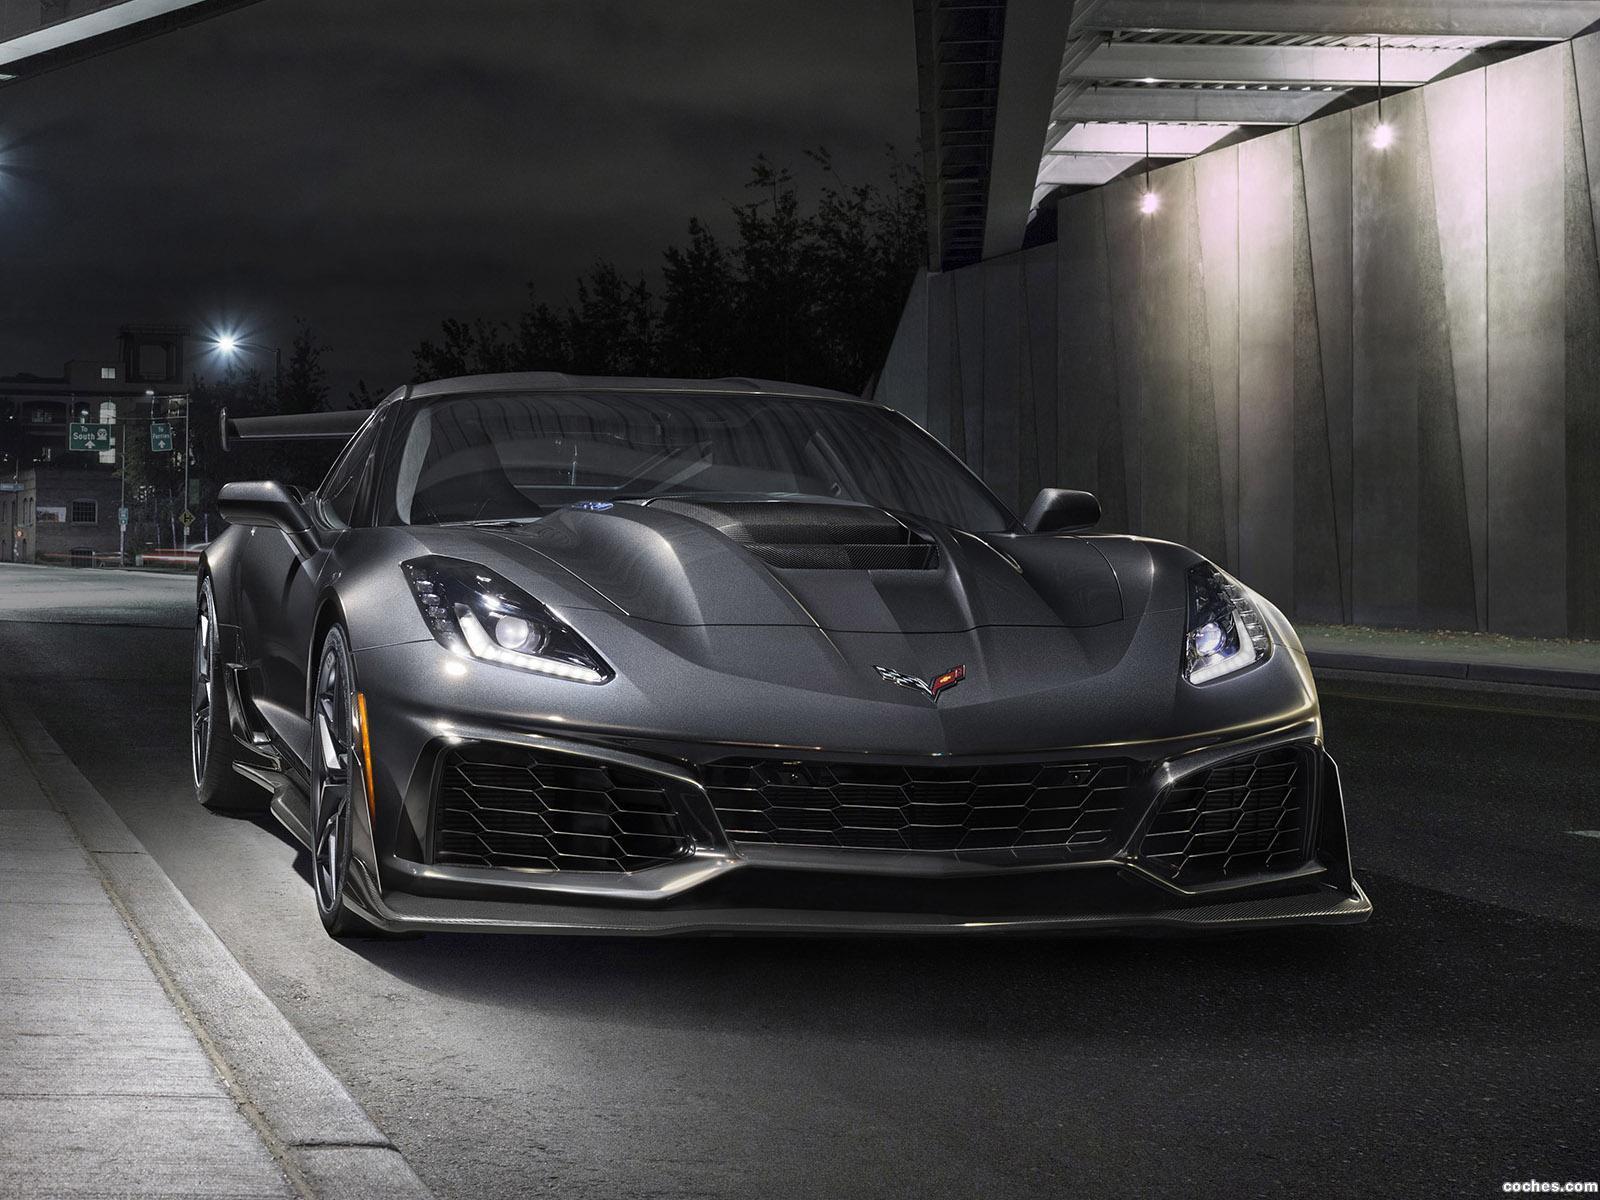 Foto 0 de Chevrolet Corvette C7 ZR1 2018